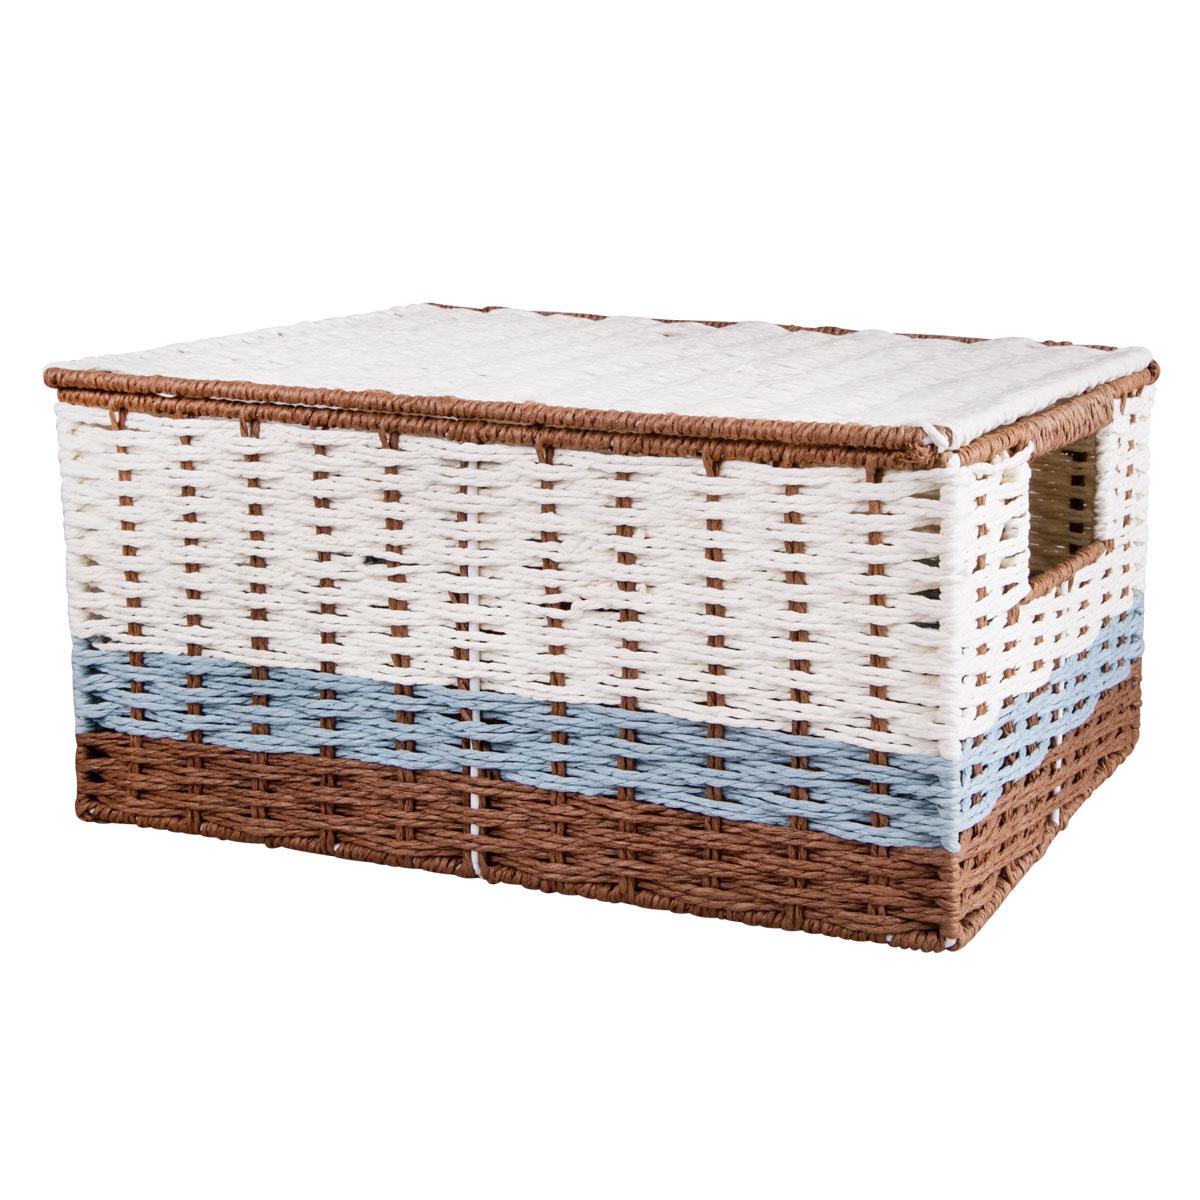 Корзина для хранения Miolla, с крышкой и ручками, 45 х 33 х 21 см . BSK5-LBSK5-LЛучшее решение для хранения вещей - корзина для хранения Miolla. Экономьте полезное пространство своего дома, уберите ненужные вещи в удобную корзину и используйте ее для хранения дорогих сердцу вещей, которые нужно сберечь в целости и сохранности. Размер: 45 х 33 х 21 см.